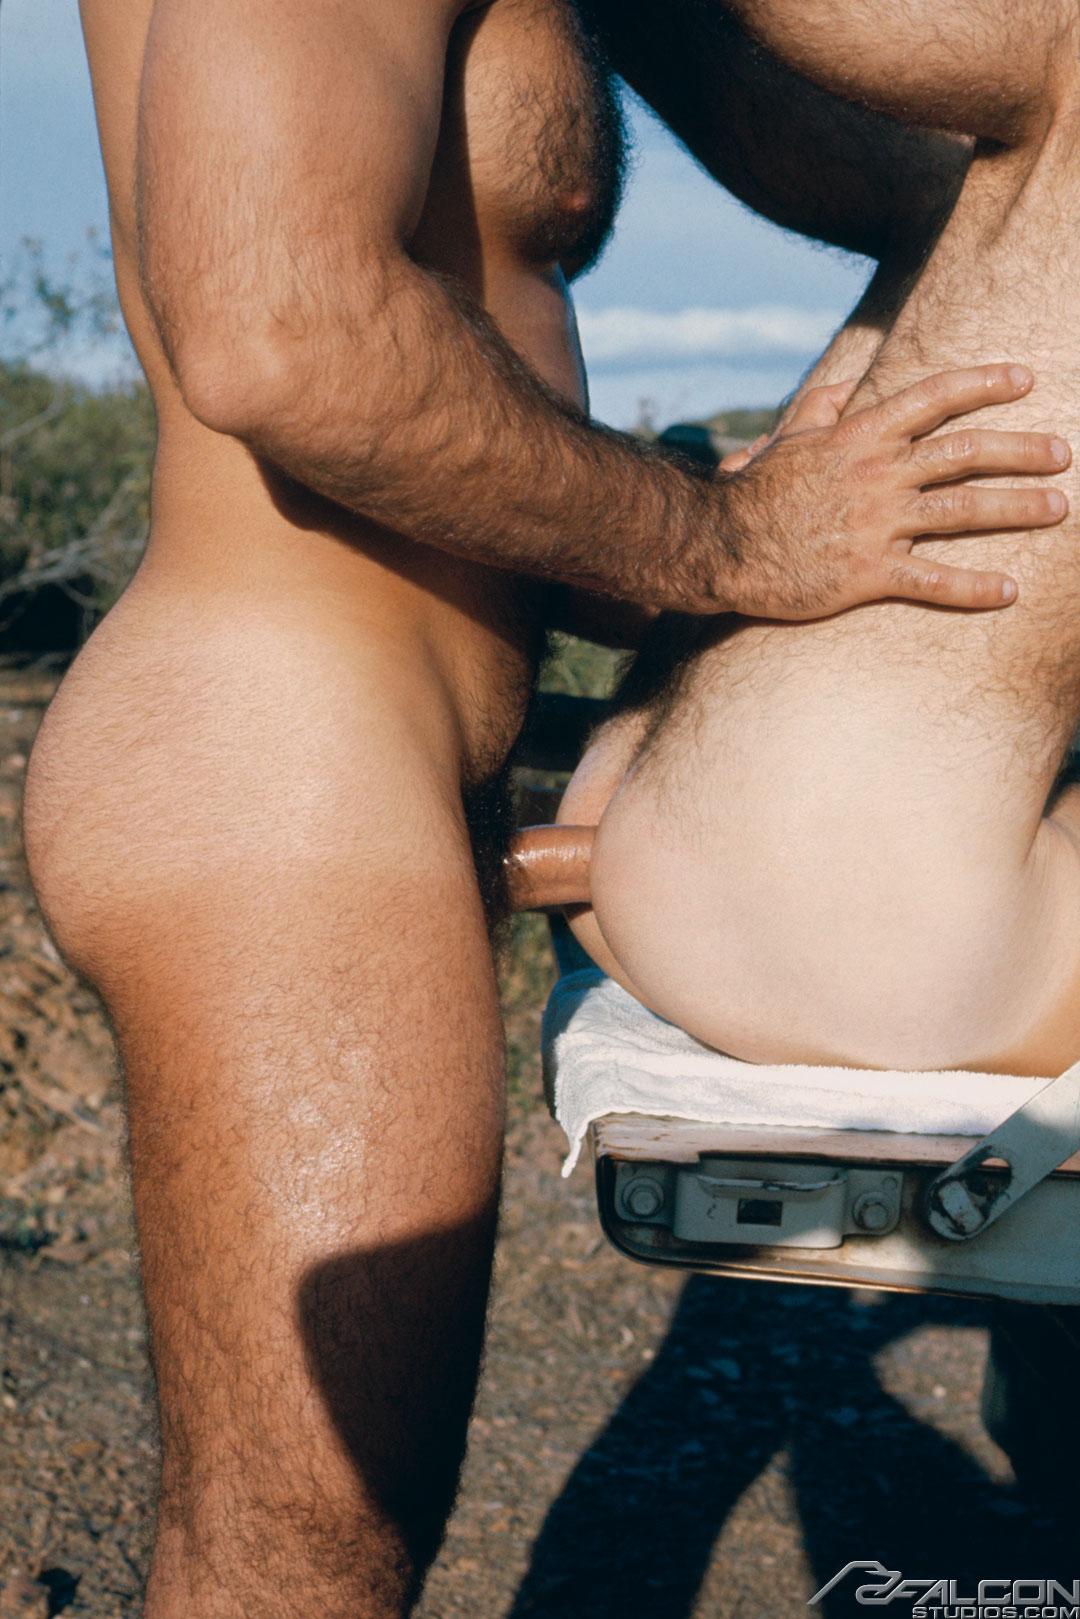 Bruno fuck Shane vintage gay hot daddy dude men porn Hayride